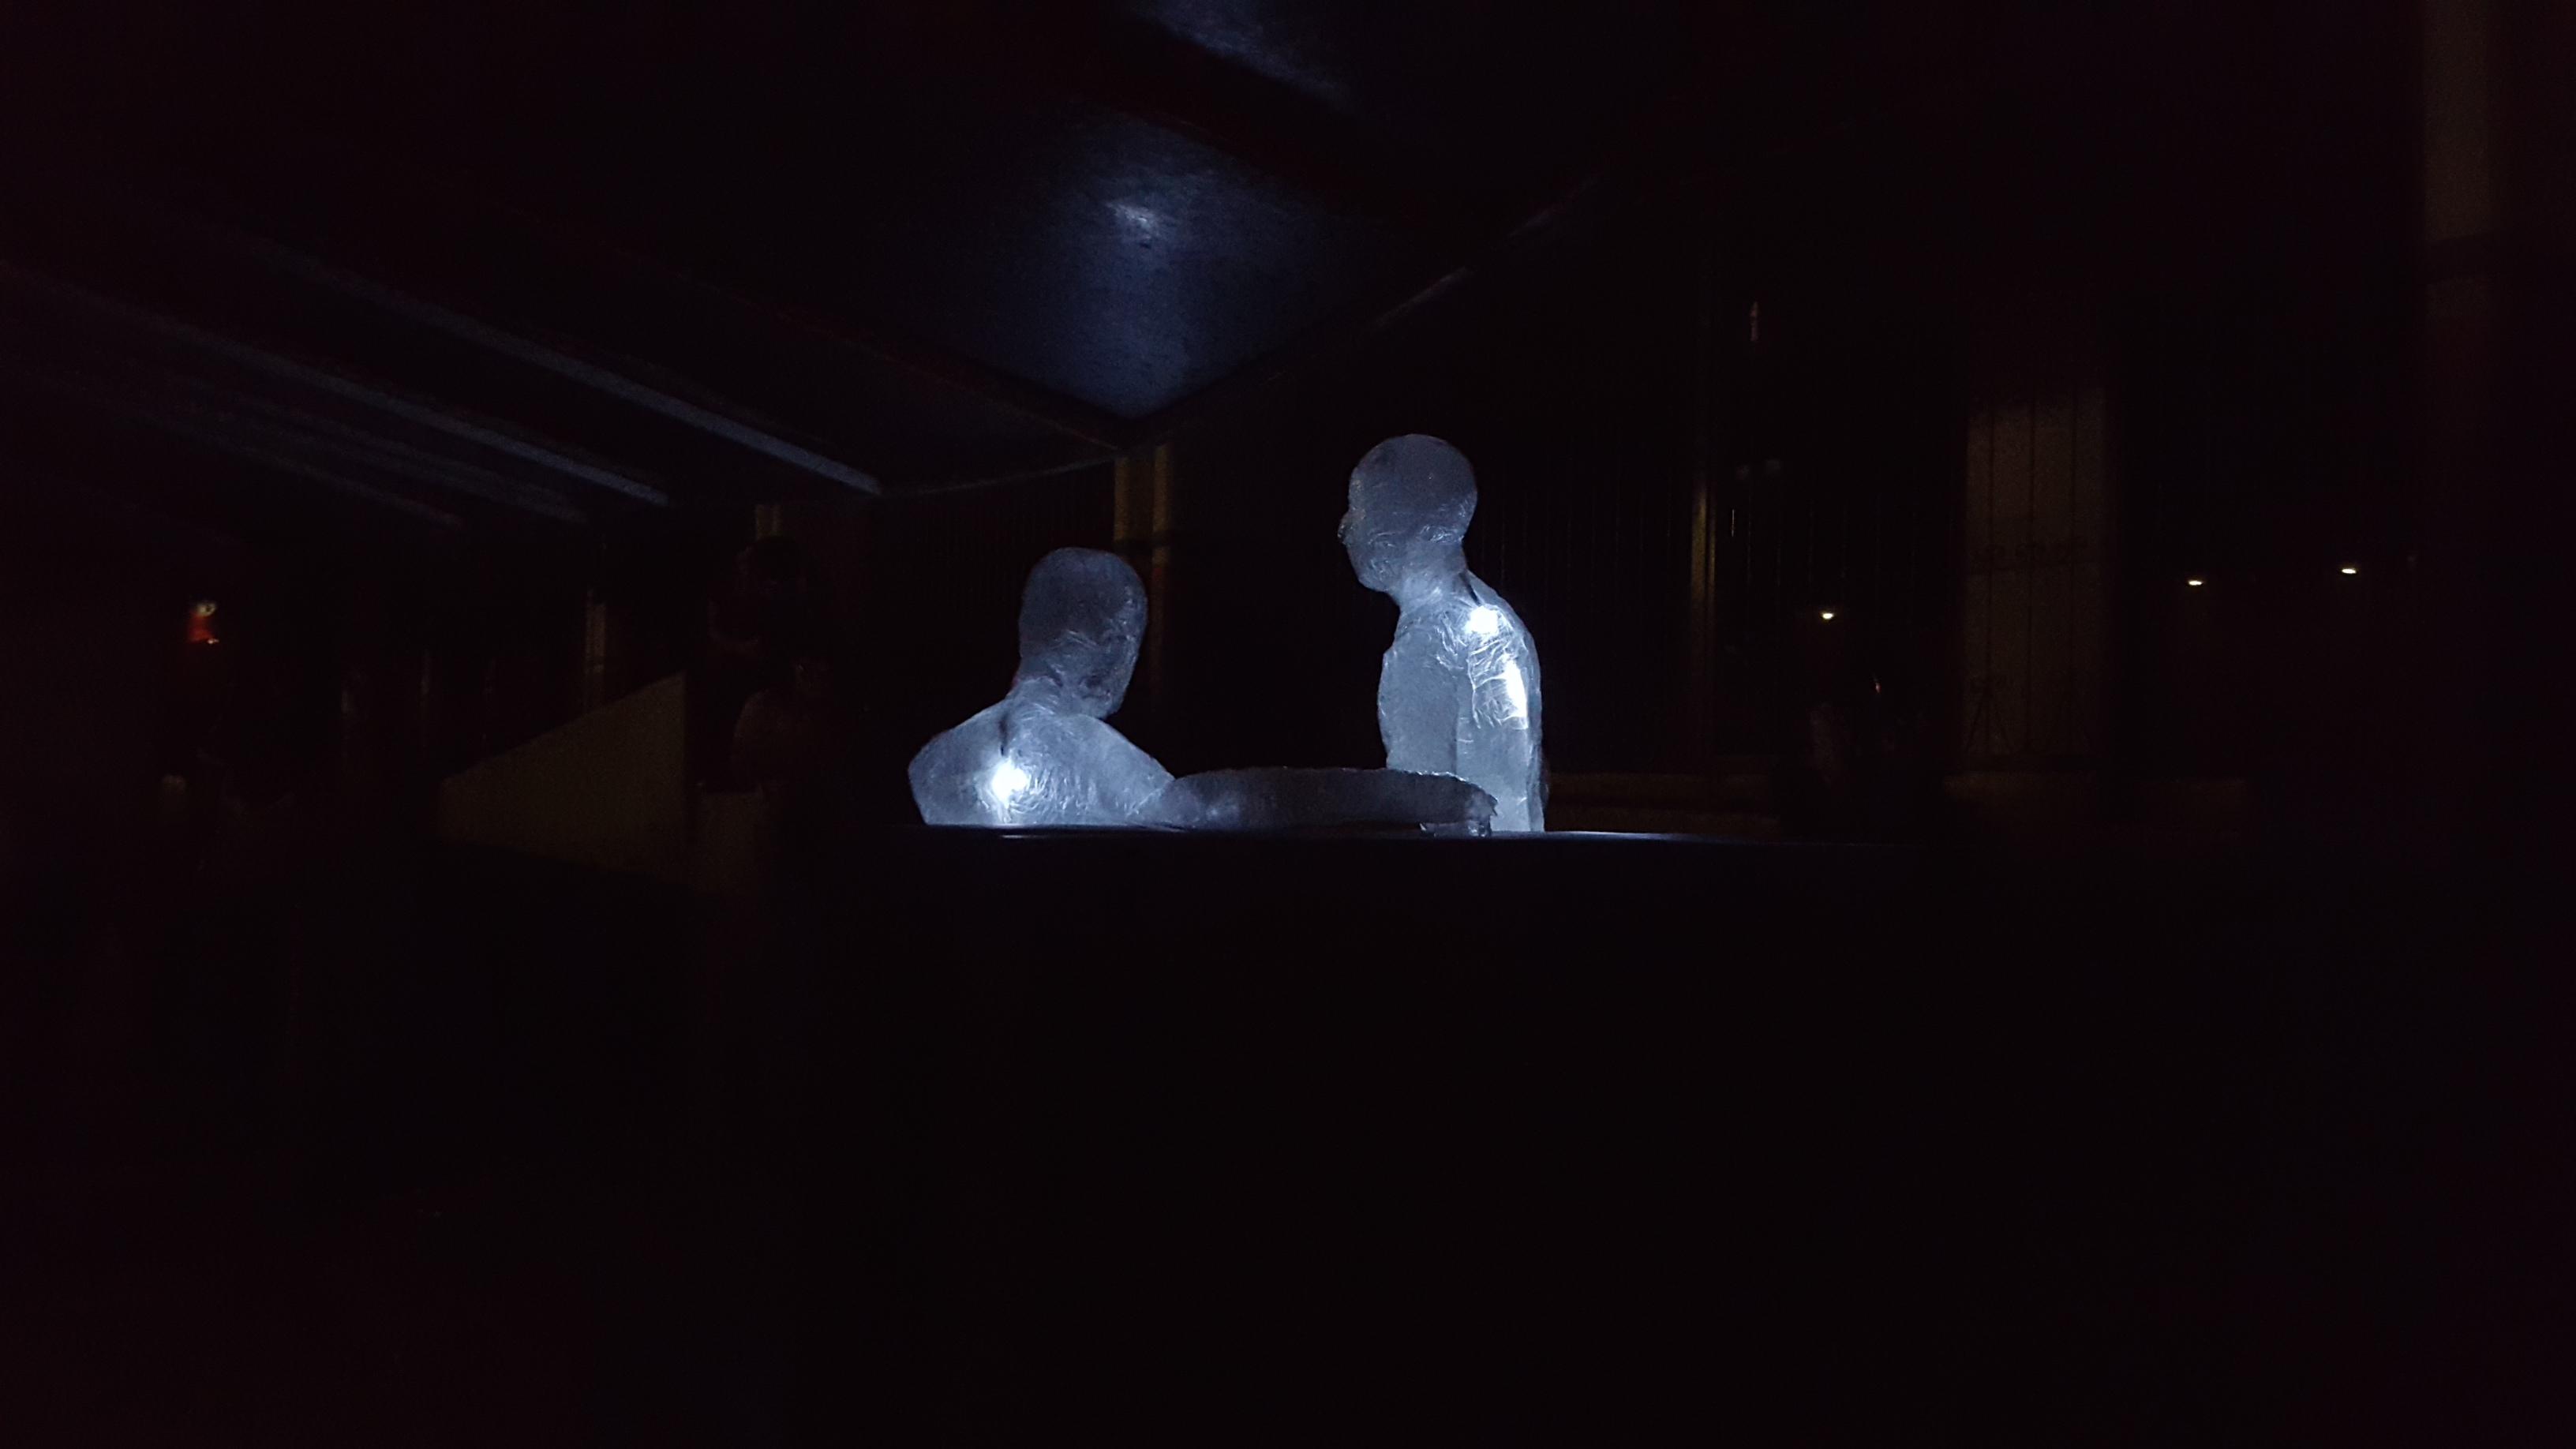 Combaten con arte fallas en iluminación urbana